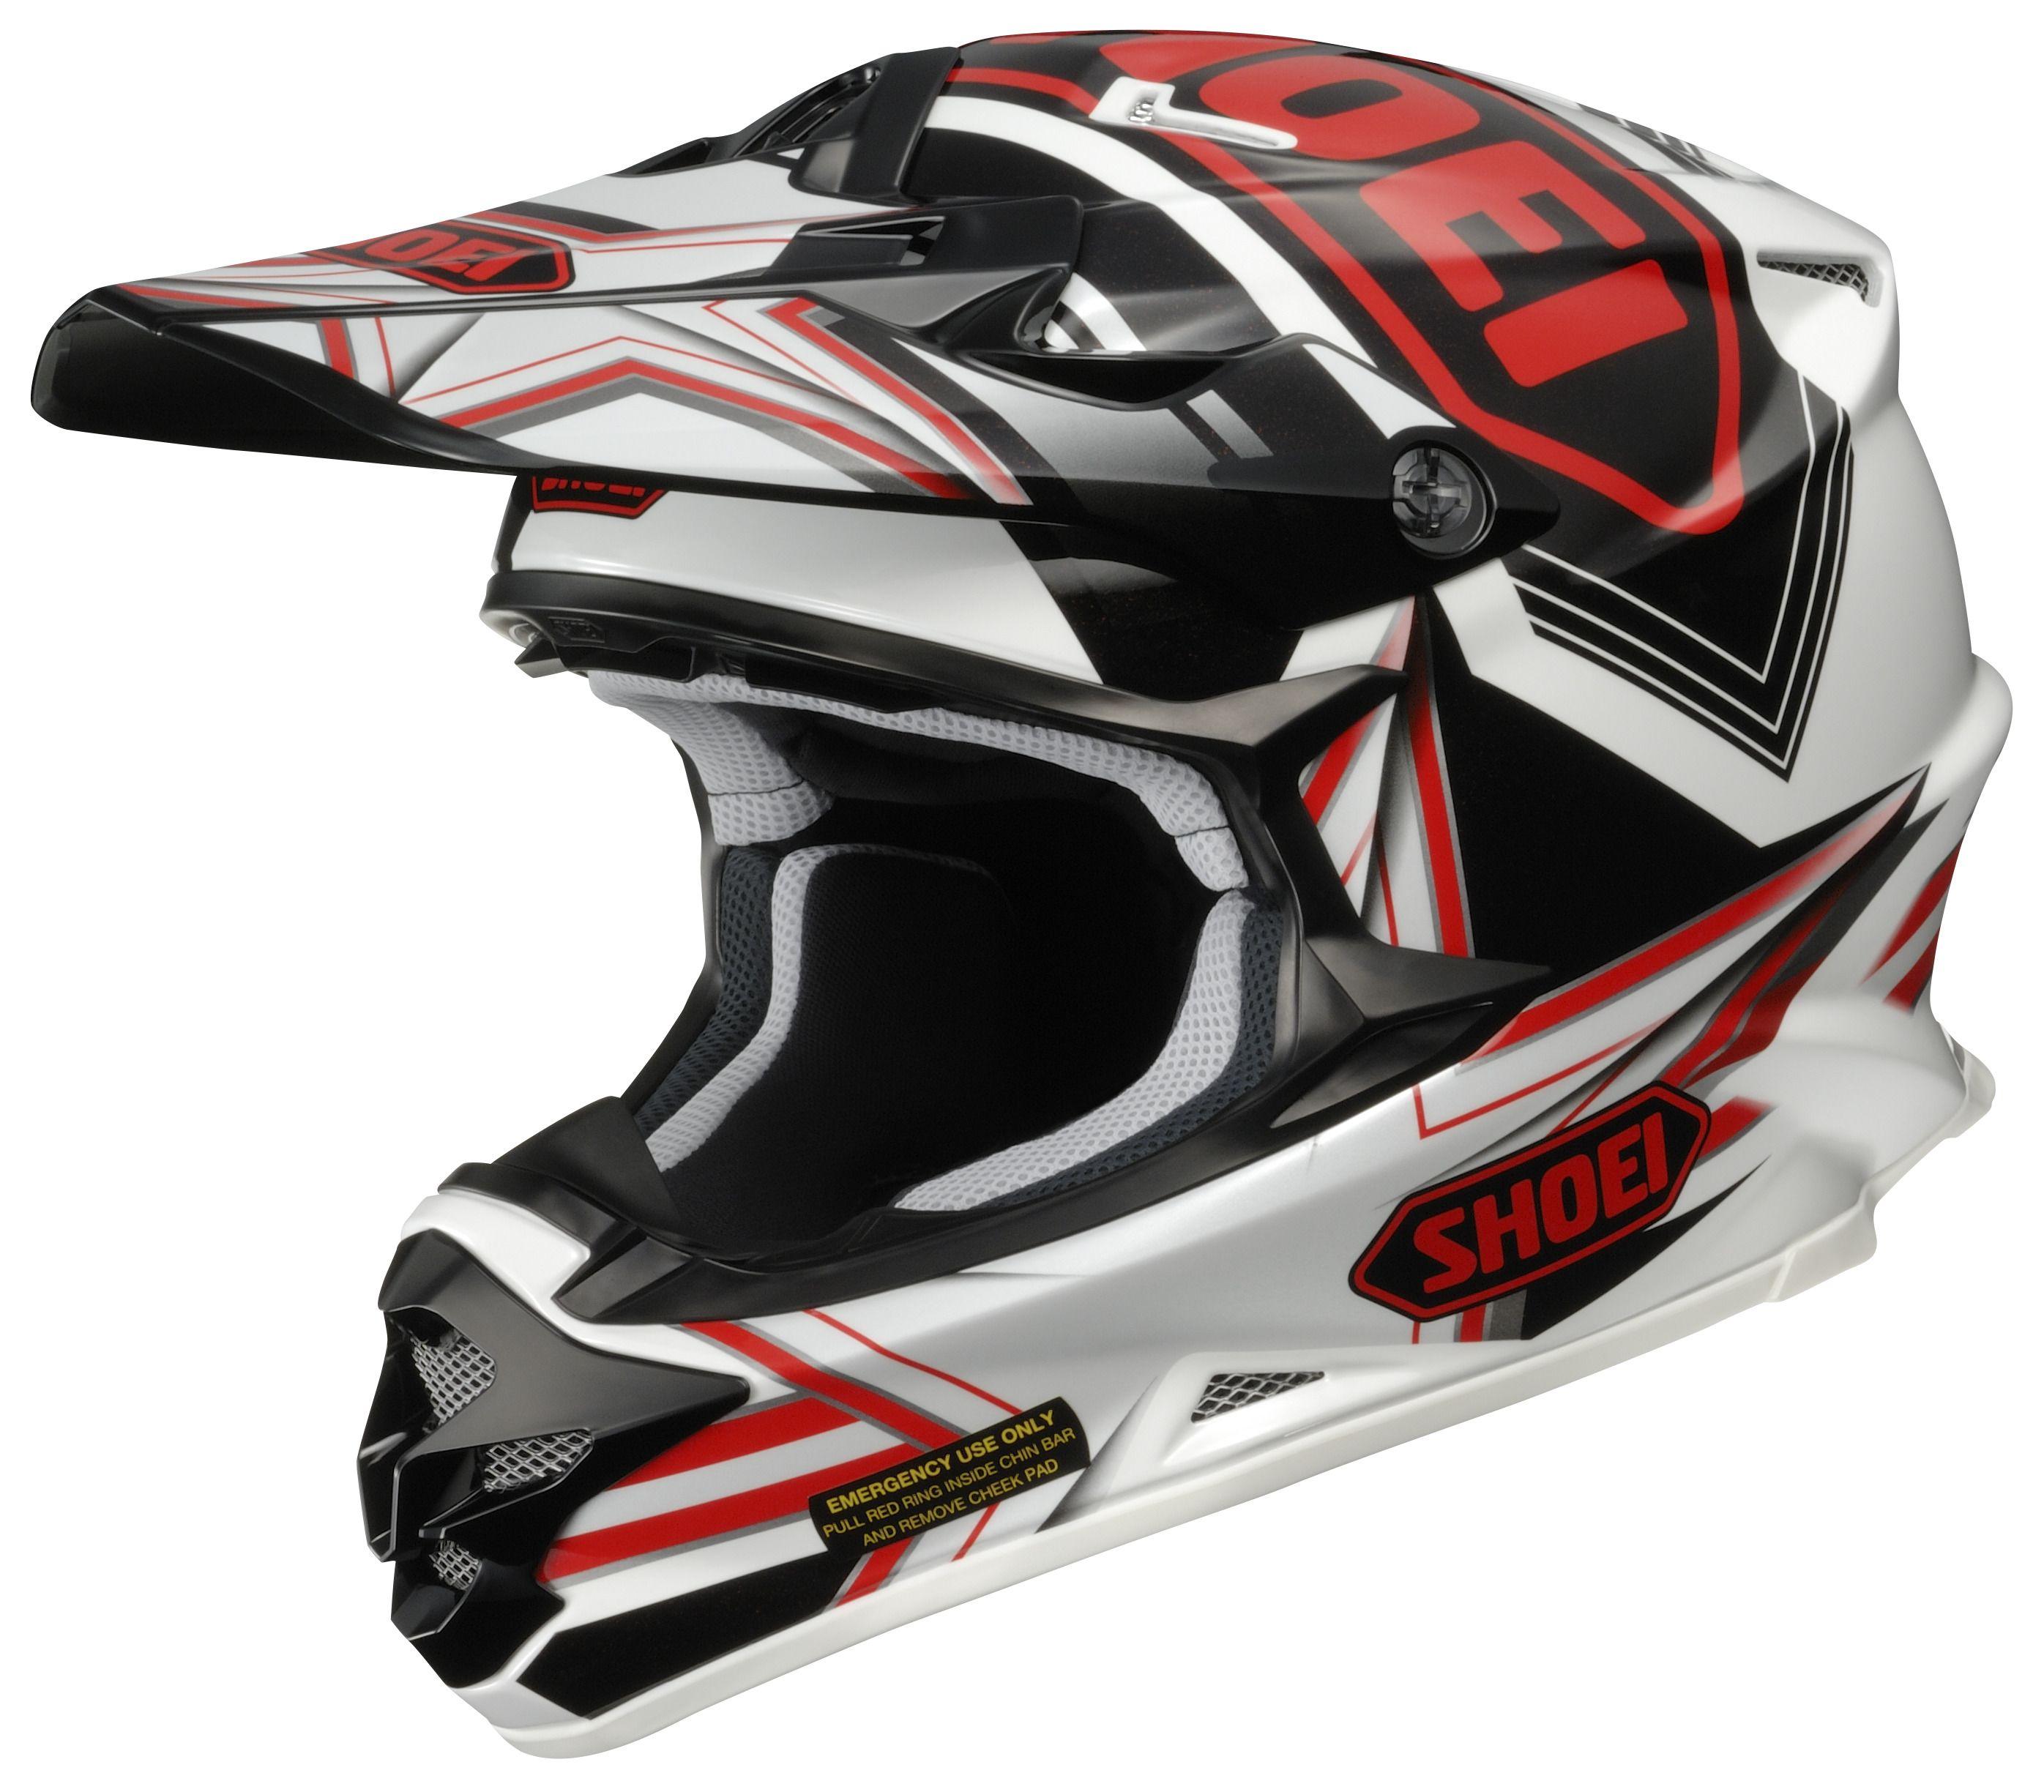 Mx Knee Braces >> Shoei VFX-W Reputation Helmet (Size SM Only) | 30% ($184 ...